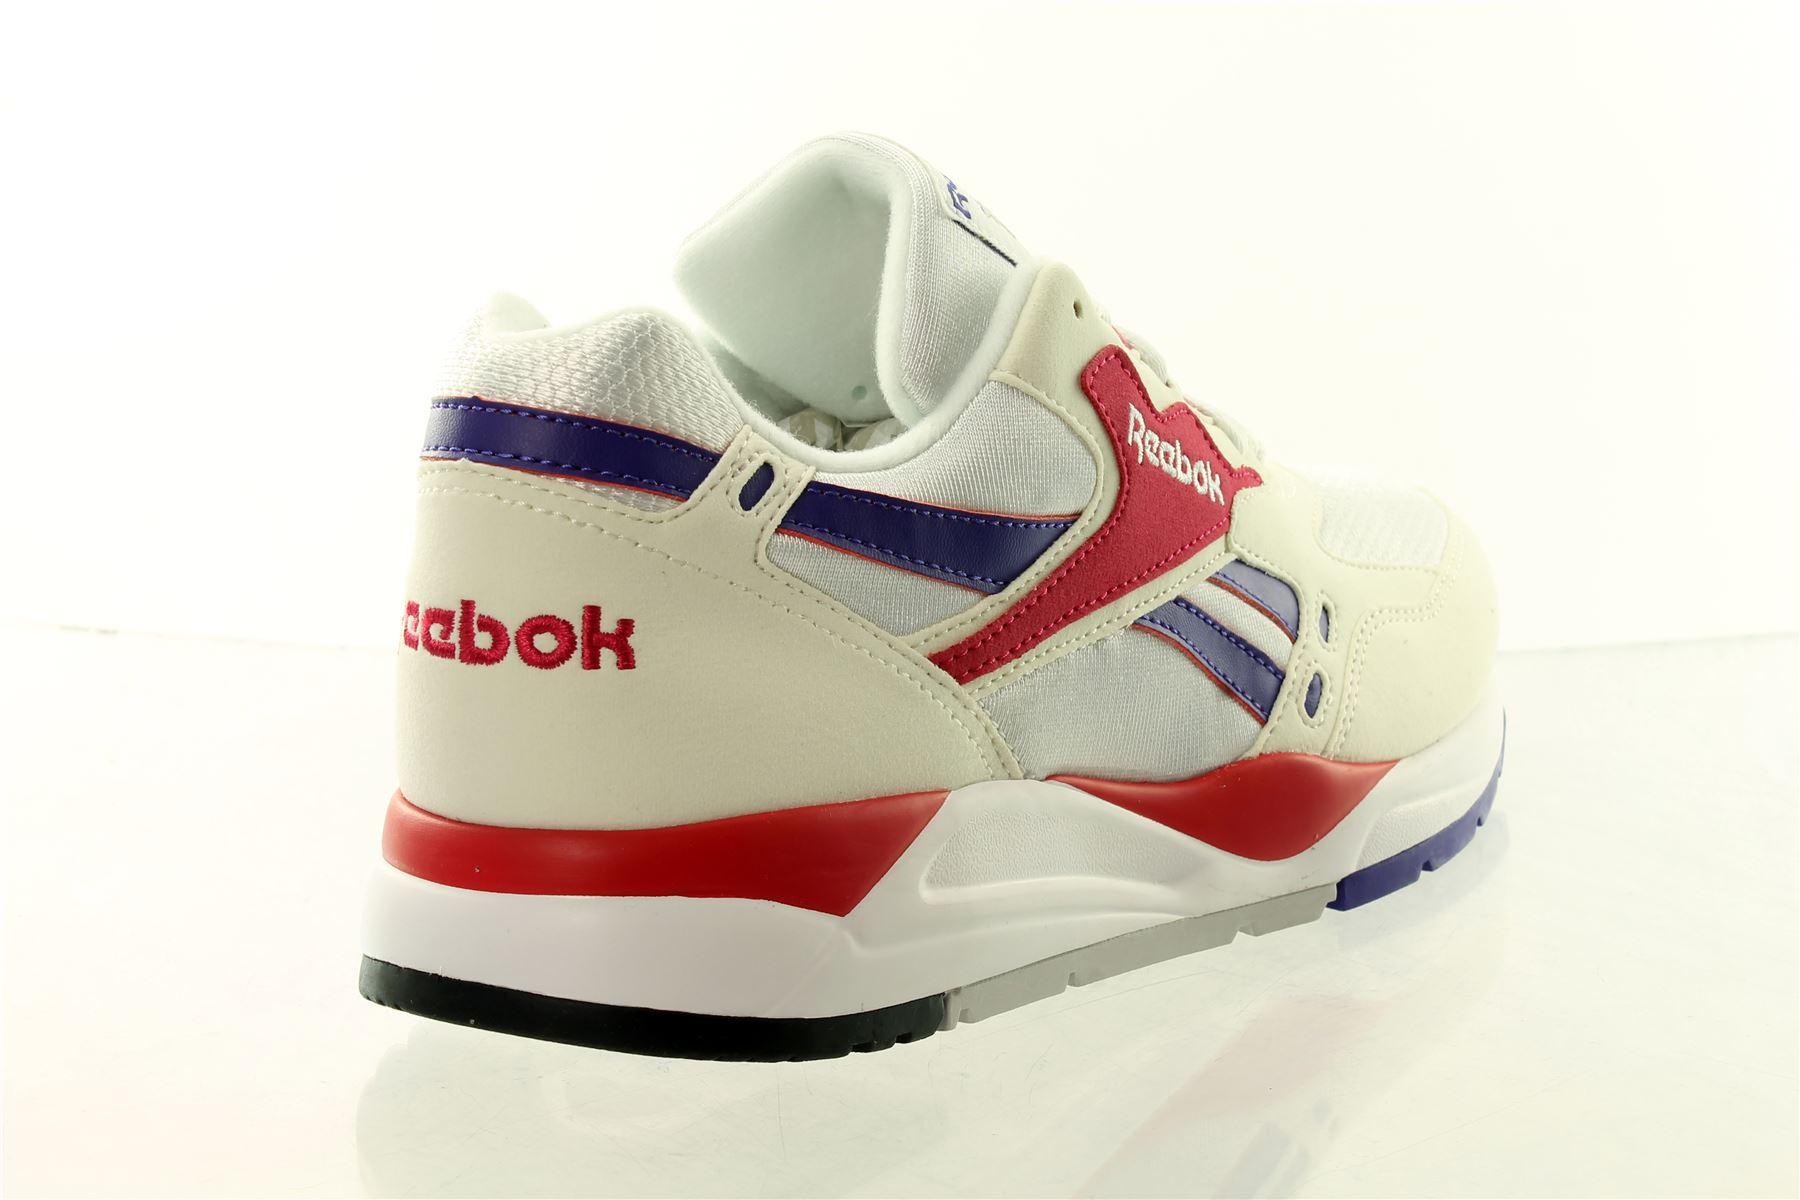 reebok shoes uk 8 size europe